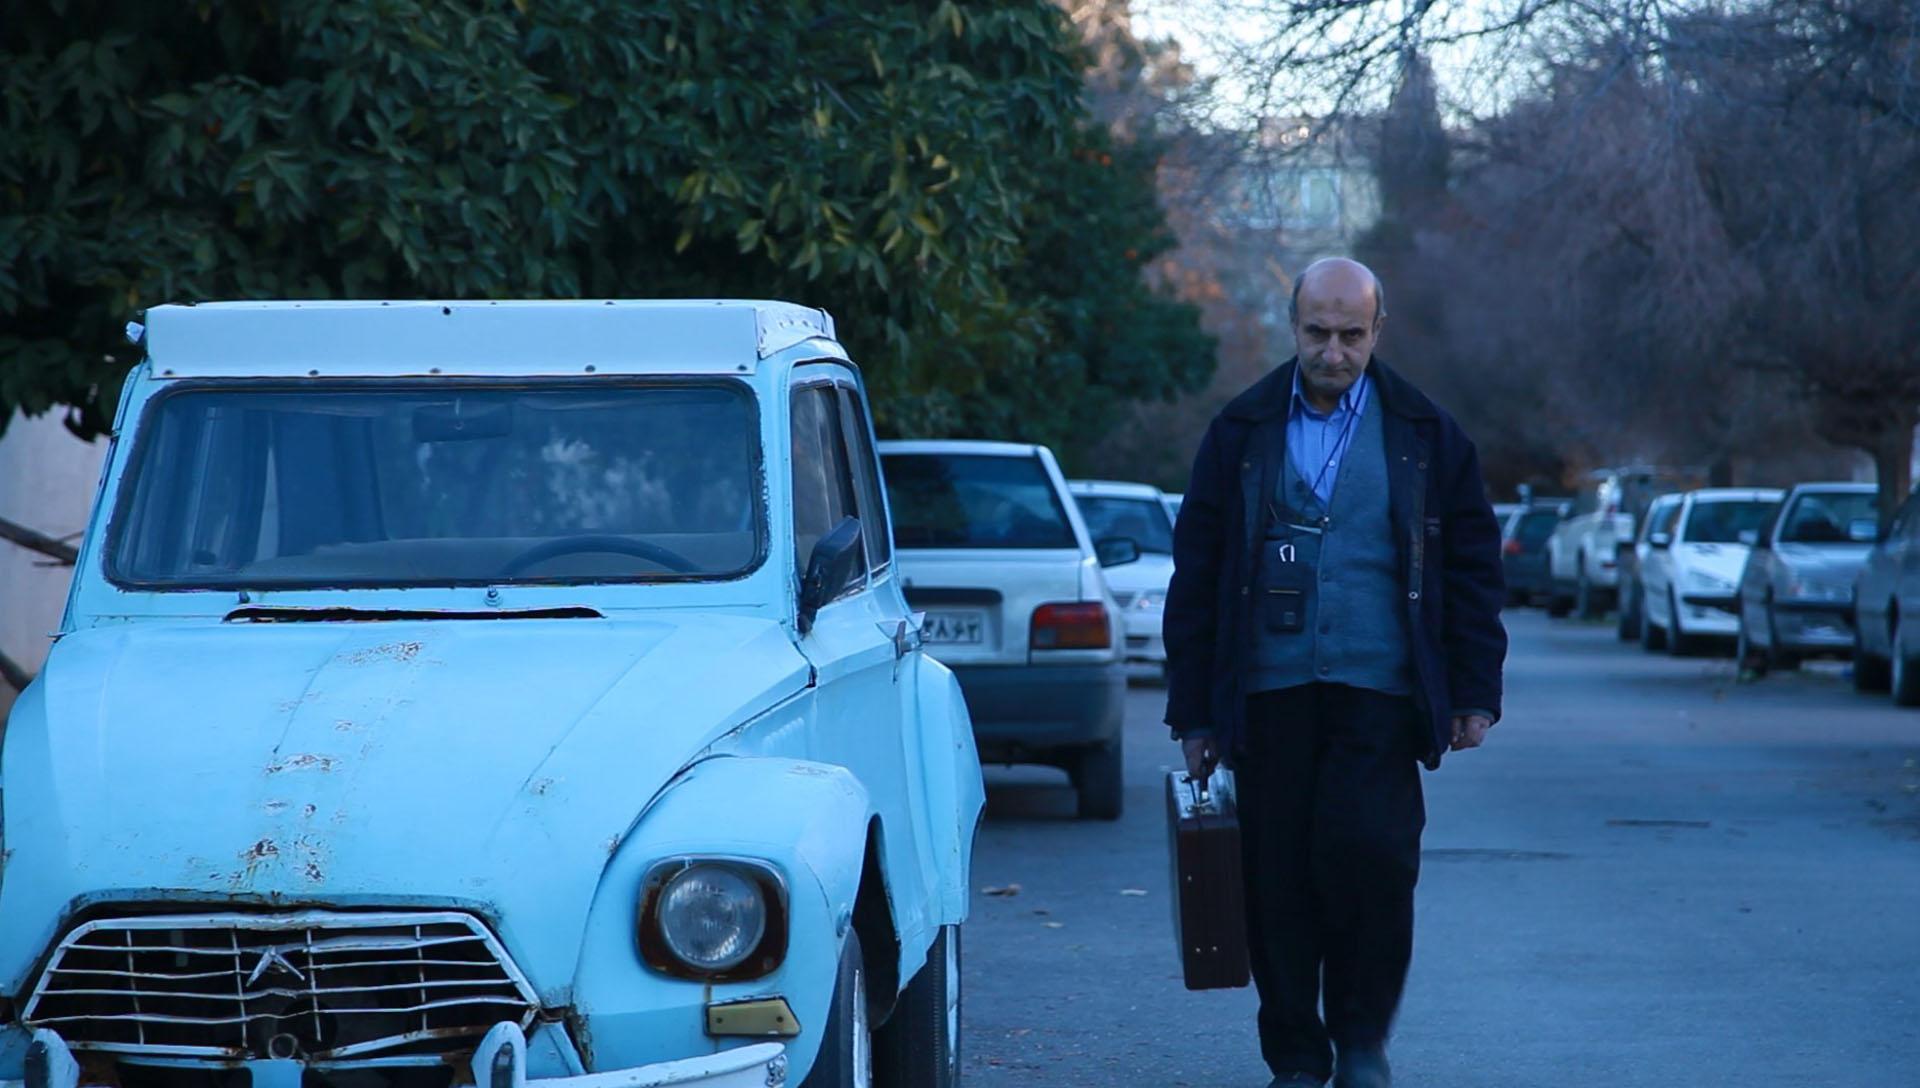 به جا مانده 001 - شرکت فیلم سازی زوم شیراز برادران شریفی